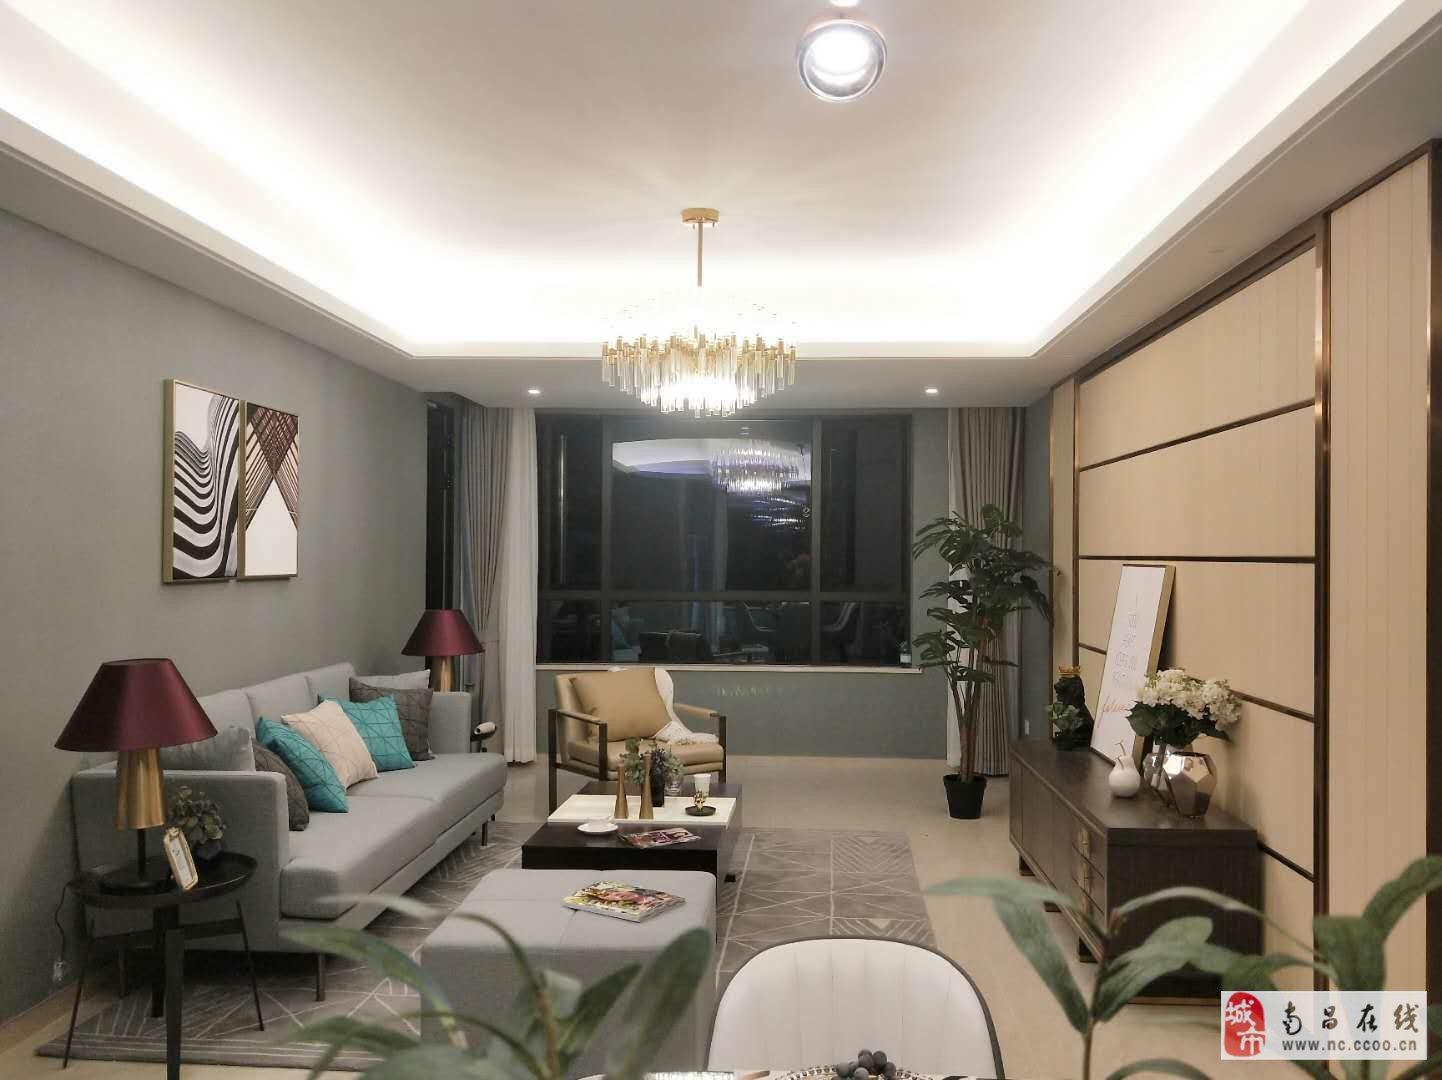 昌南體育中心附近+120平三室高層住宅+低密度小區